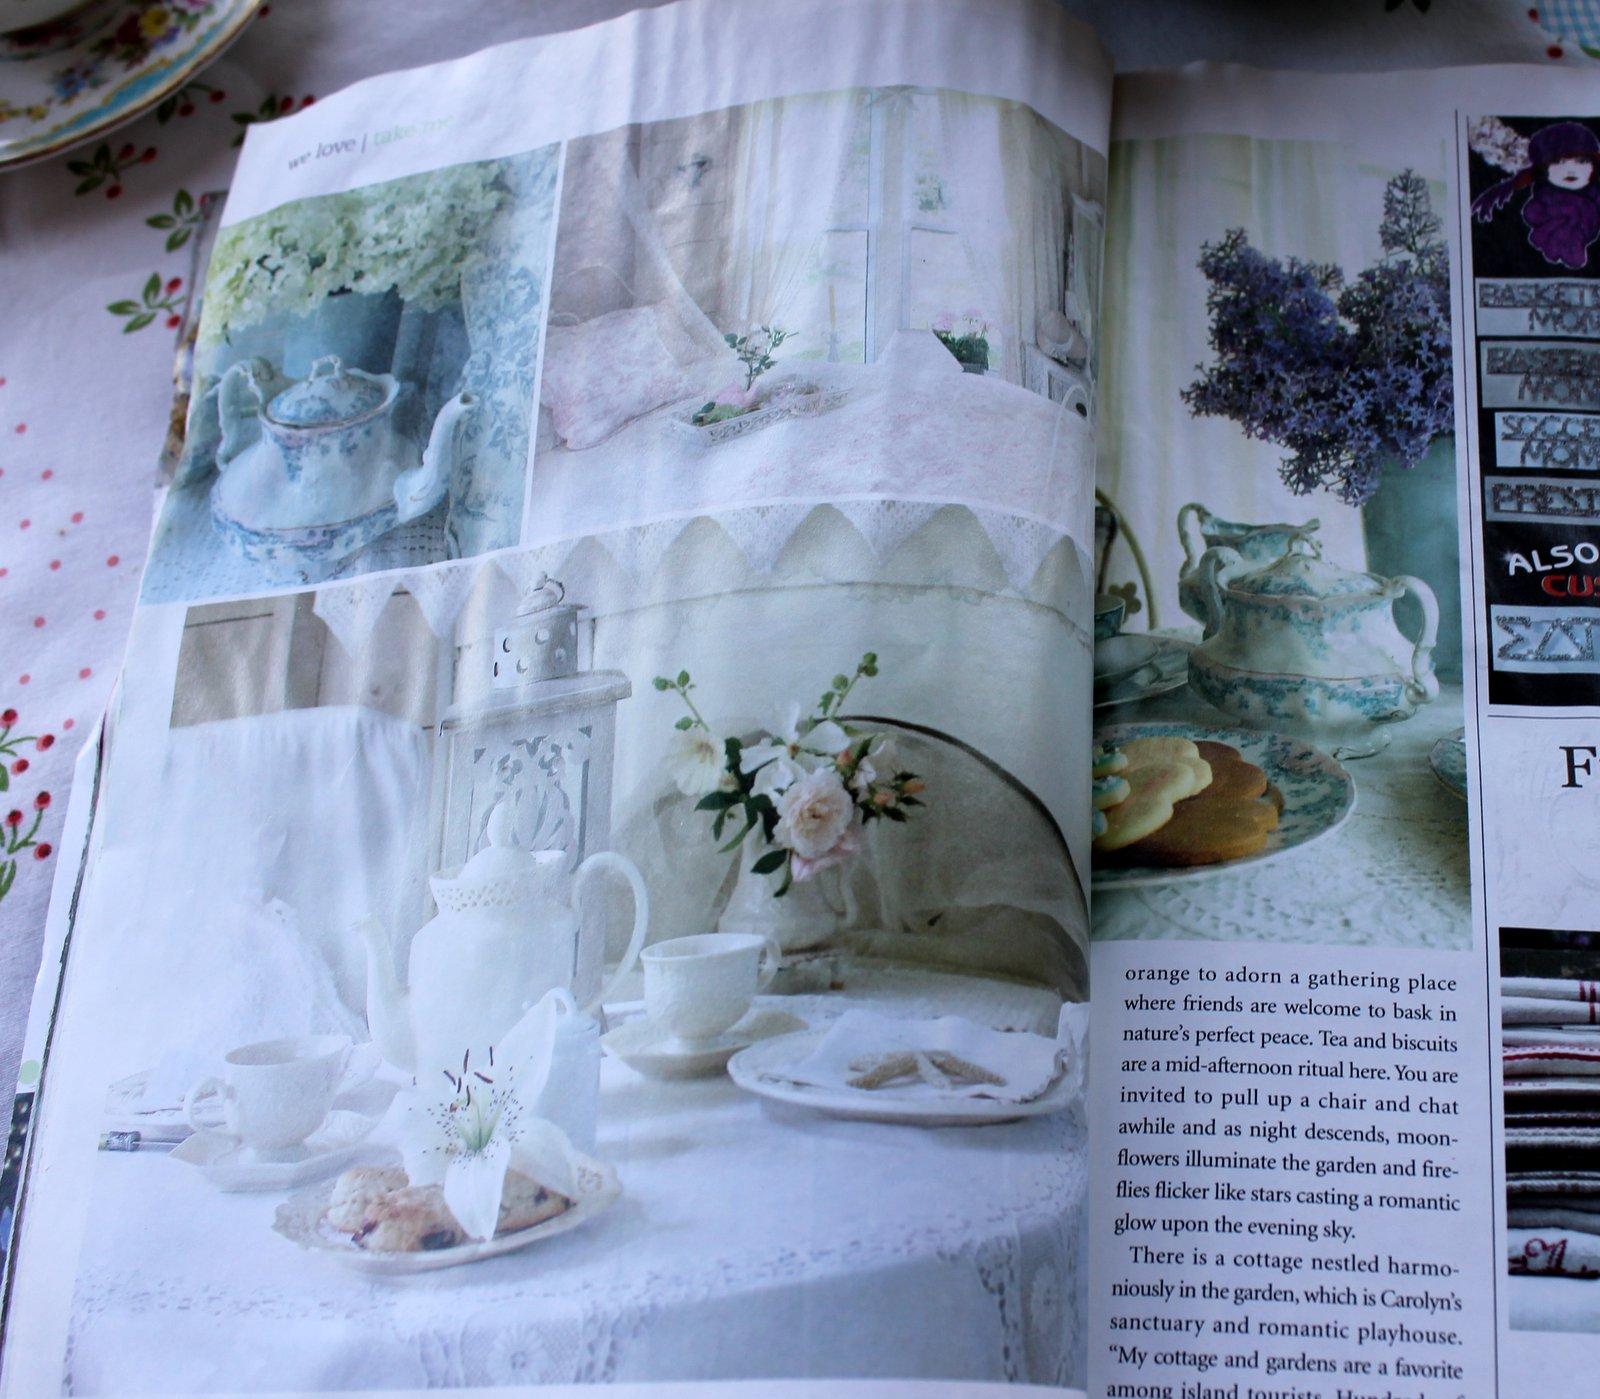 Aiken House & Gardens: Romantic Homes Feature